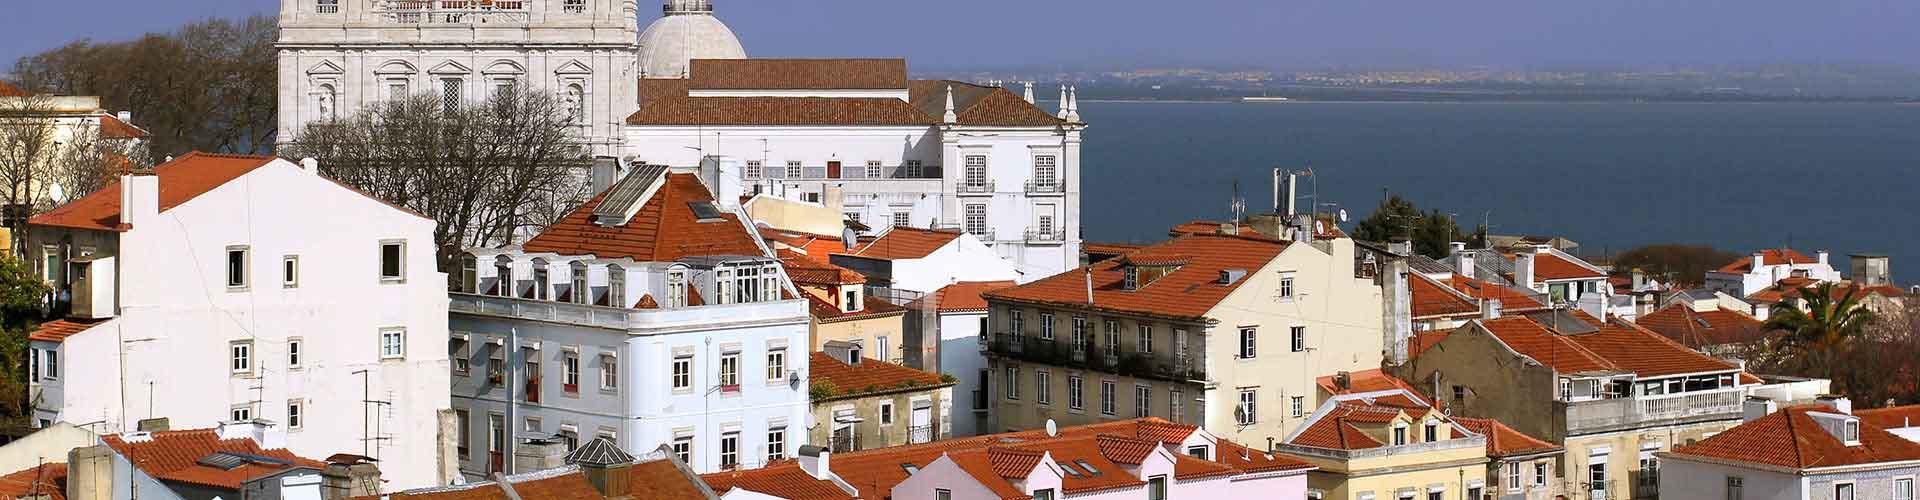 Lisbonne - Chambres pas chères dans le quartier de Centre. Cartes pour Lisbonne, photos et commentaires pour chaque chambre à Lisbonne.